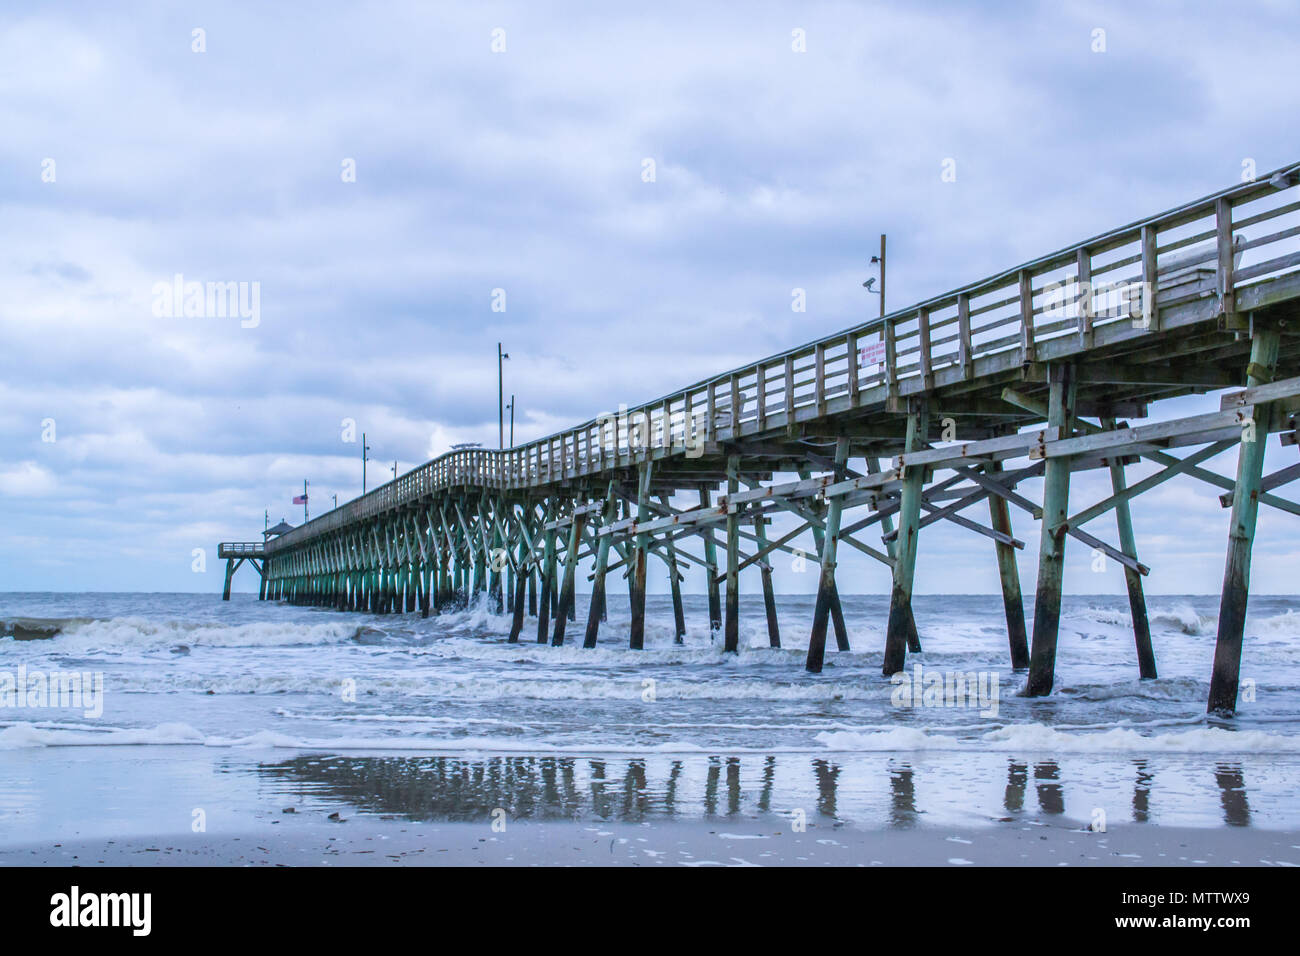 Where Beautiful ocean views beaches